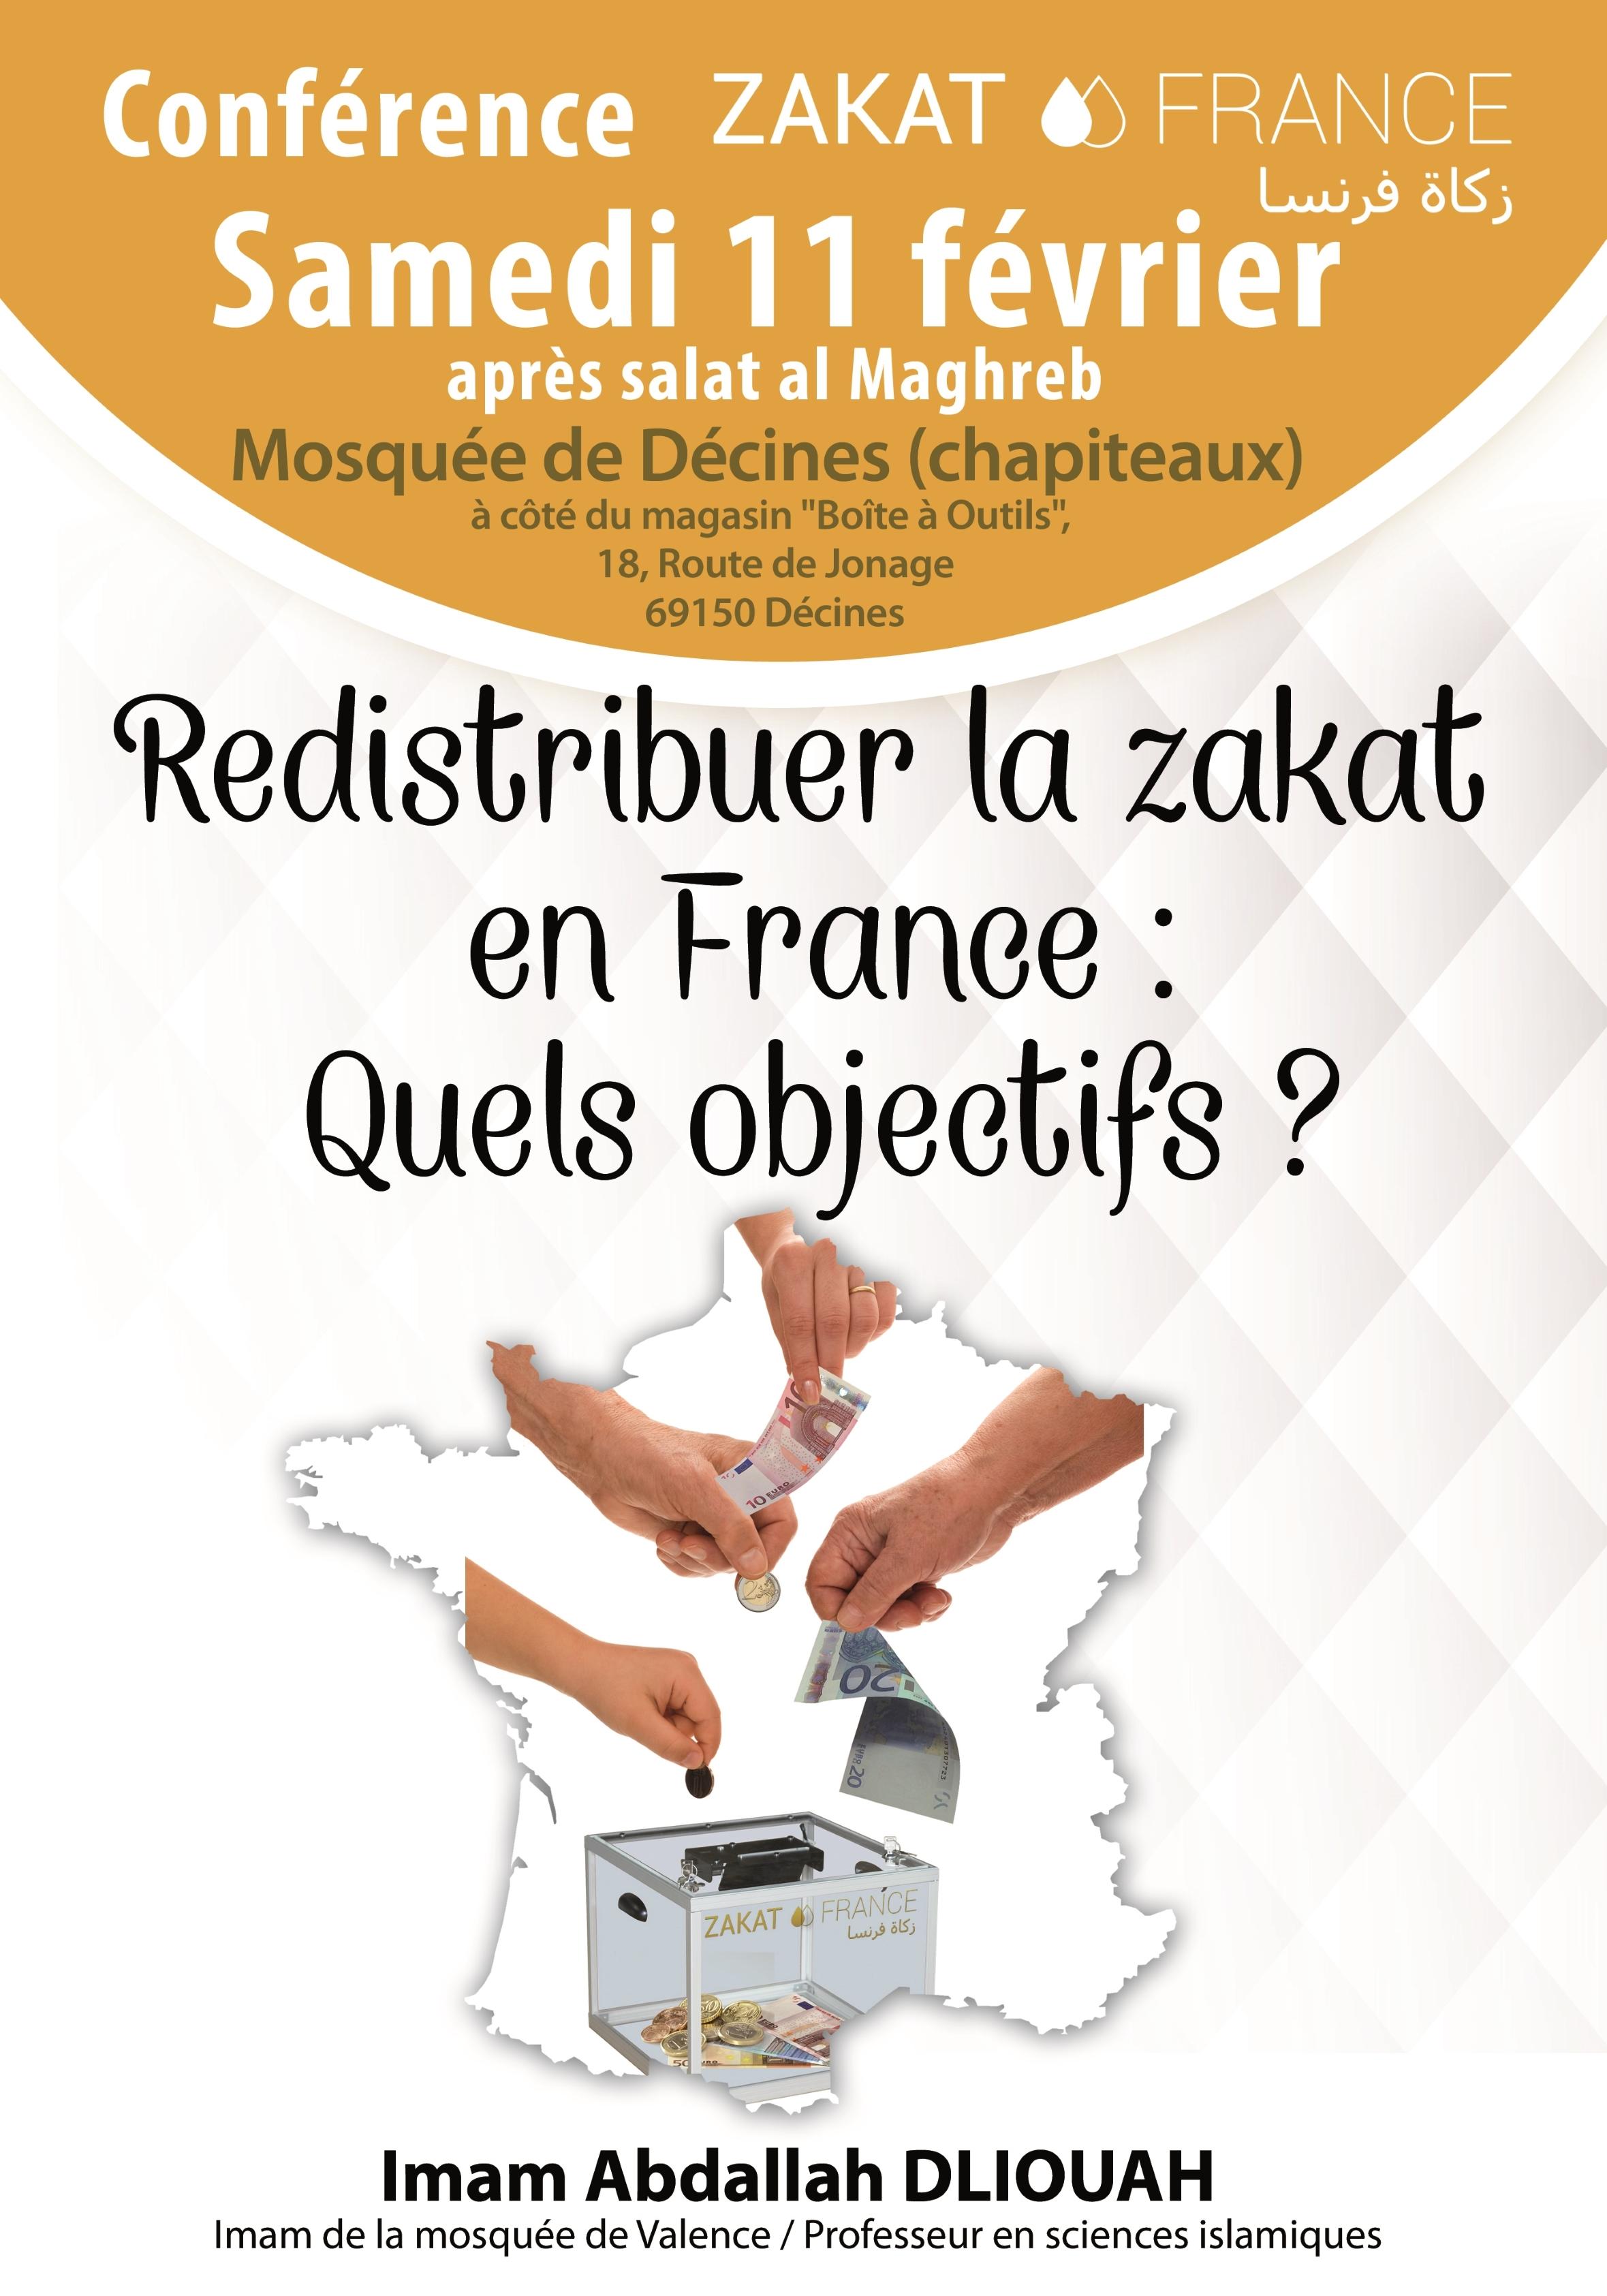 Zakat France : Redistribuer la Zakat en France : Quels objectifs ?